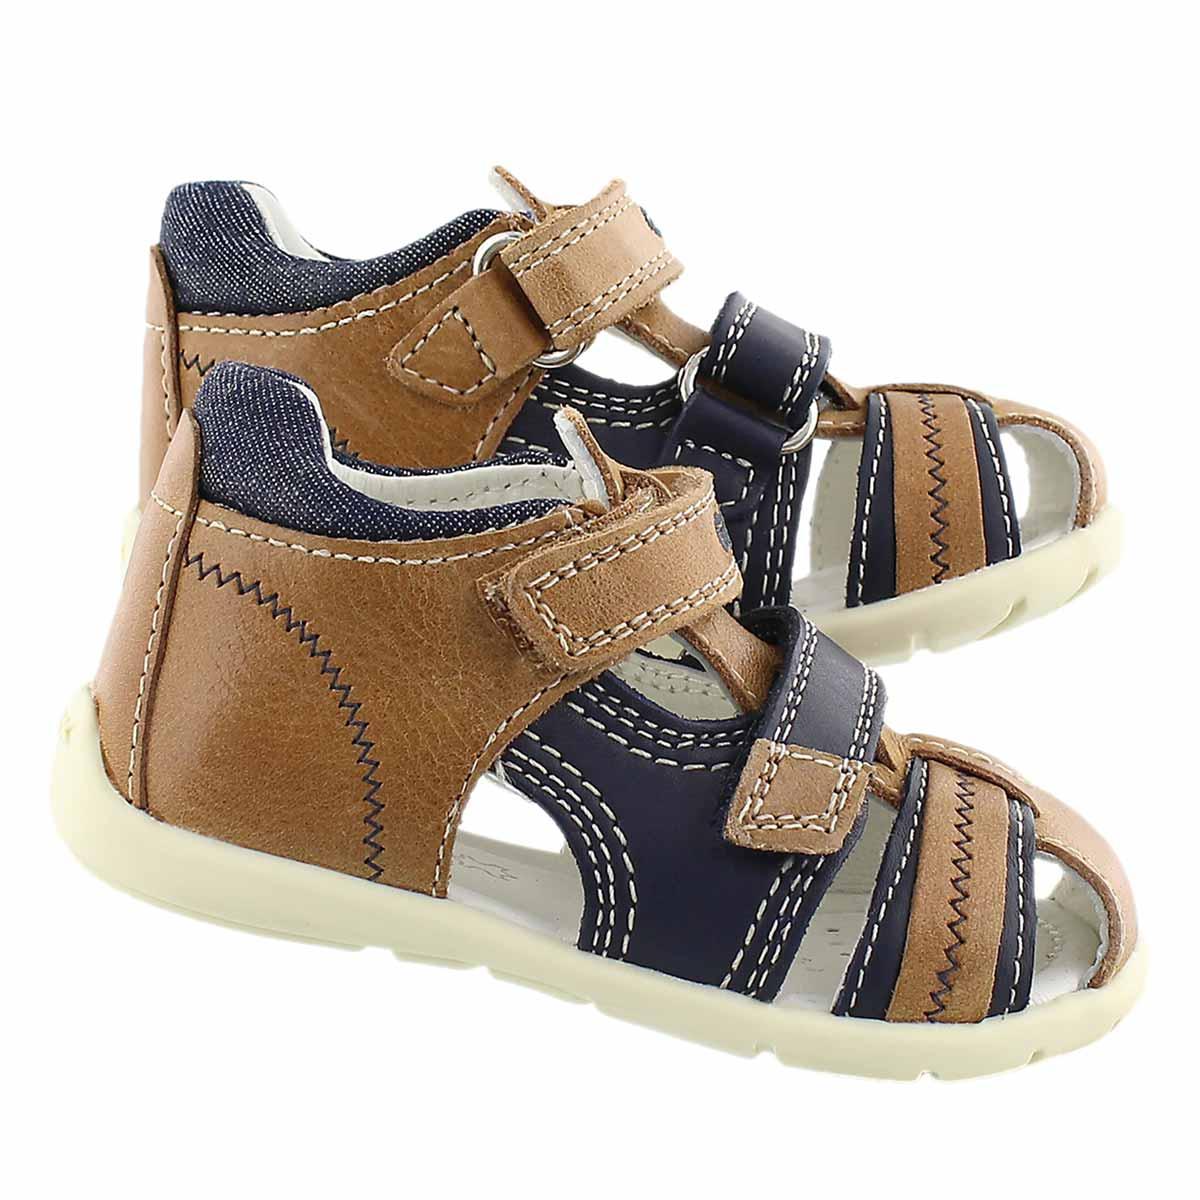 Sandale p�cheur KAYTAN, cara/marine, b�b